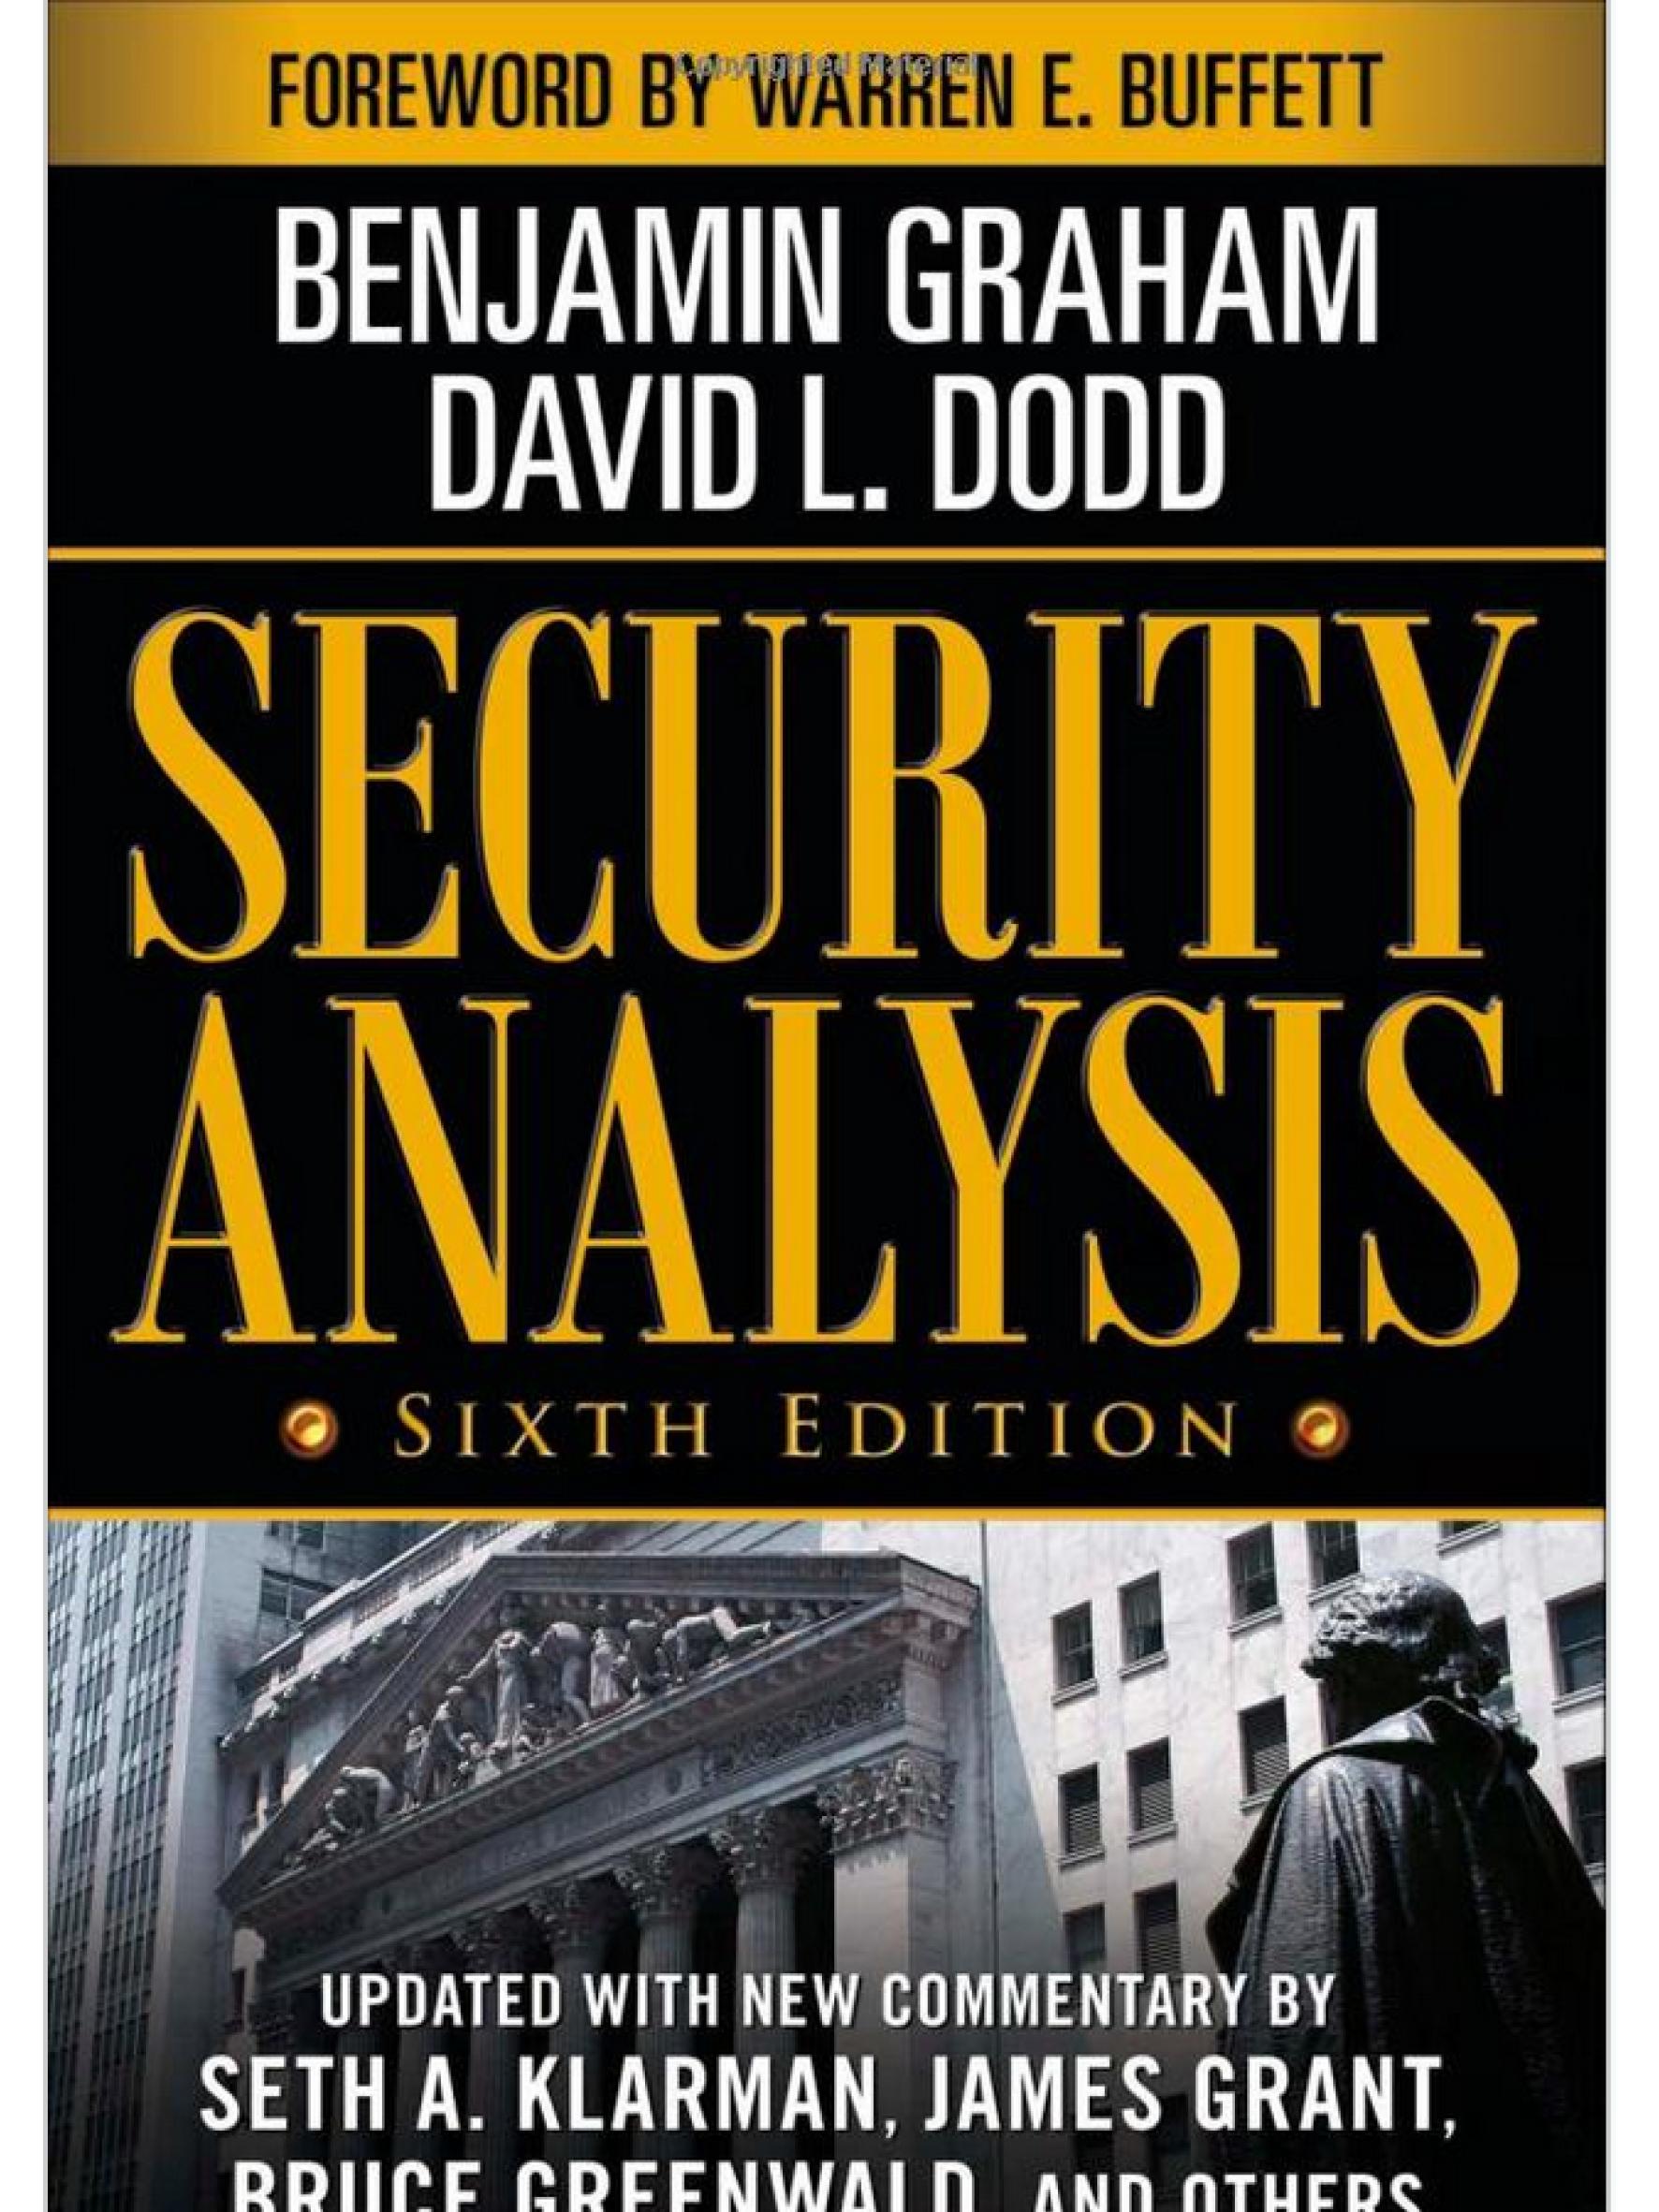 Security Analysis.     Benjamin Graham & David L. Dodd    2008 (Sixth Edition)